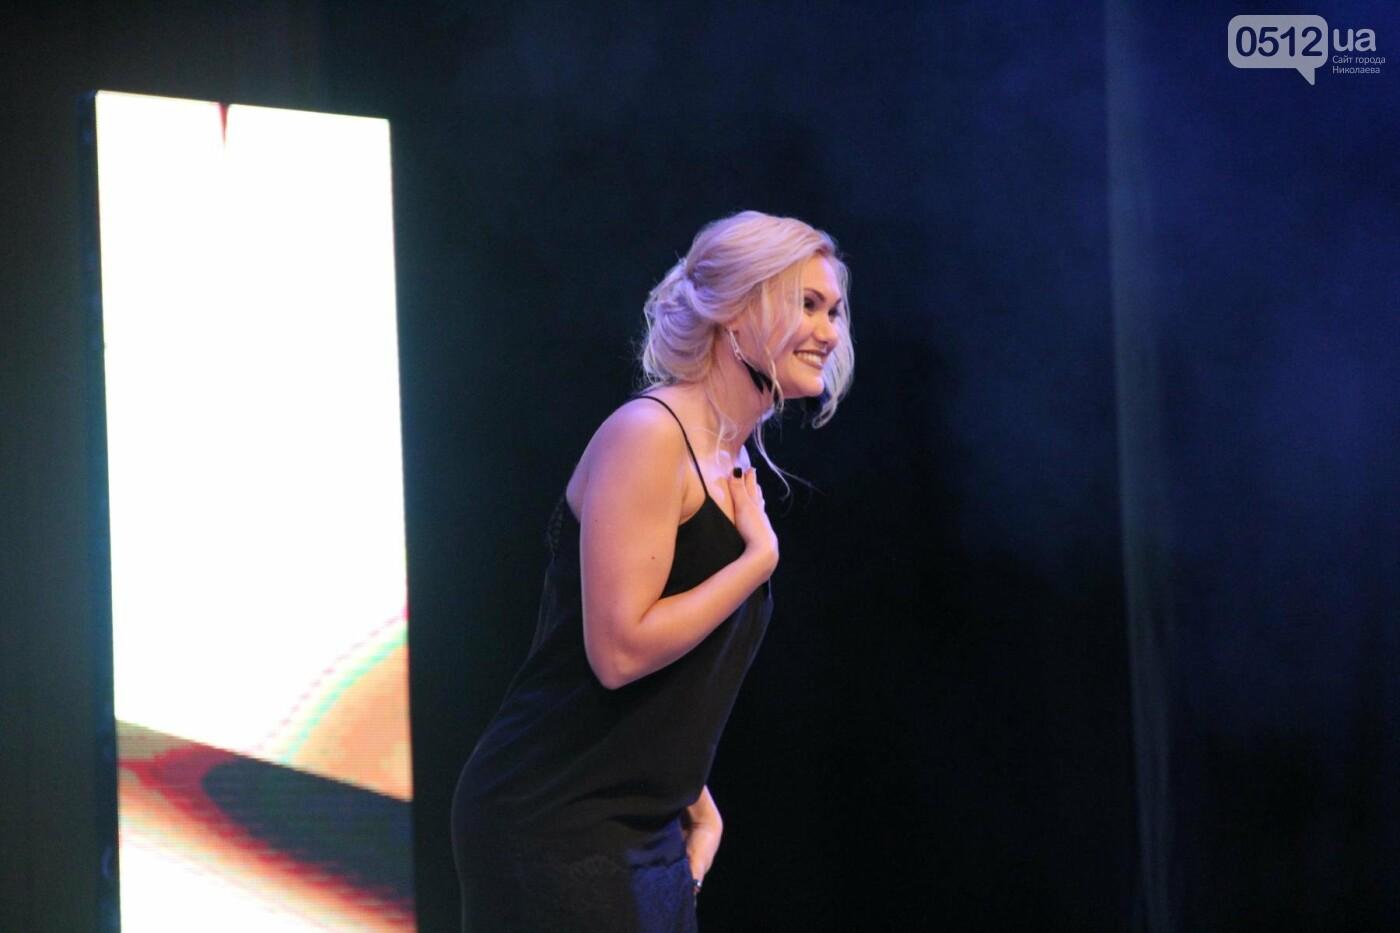 В Николаеве на конкурсе «Miss Top model Ukraine» выбрали самую красивую модель в Украине, - ФОТО, фото-28